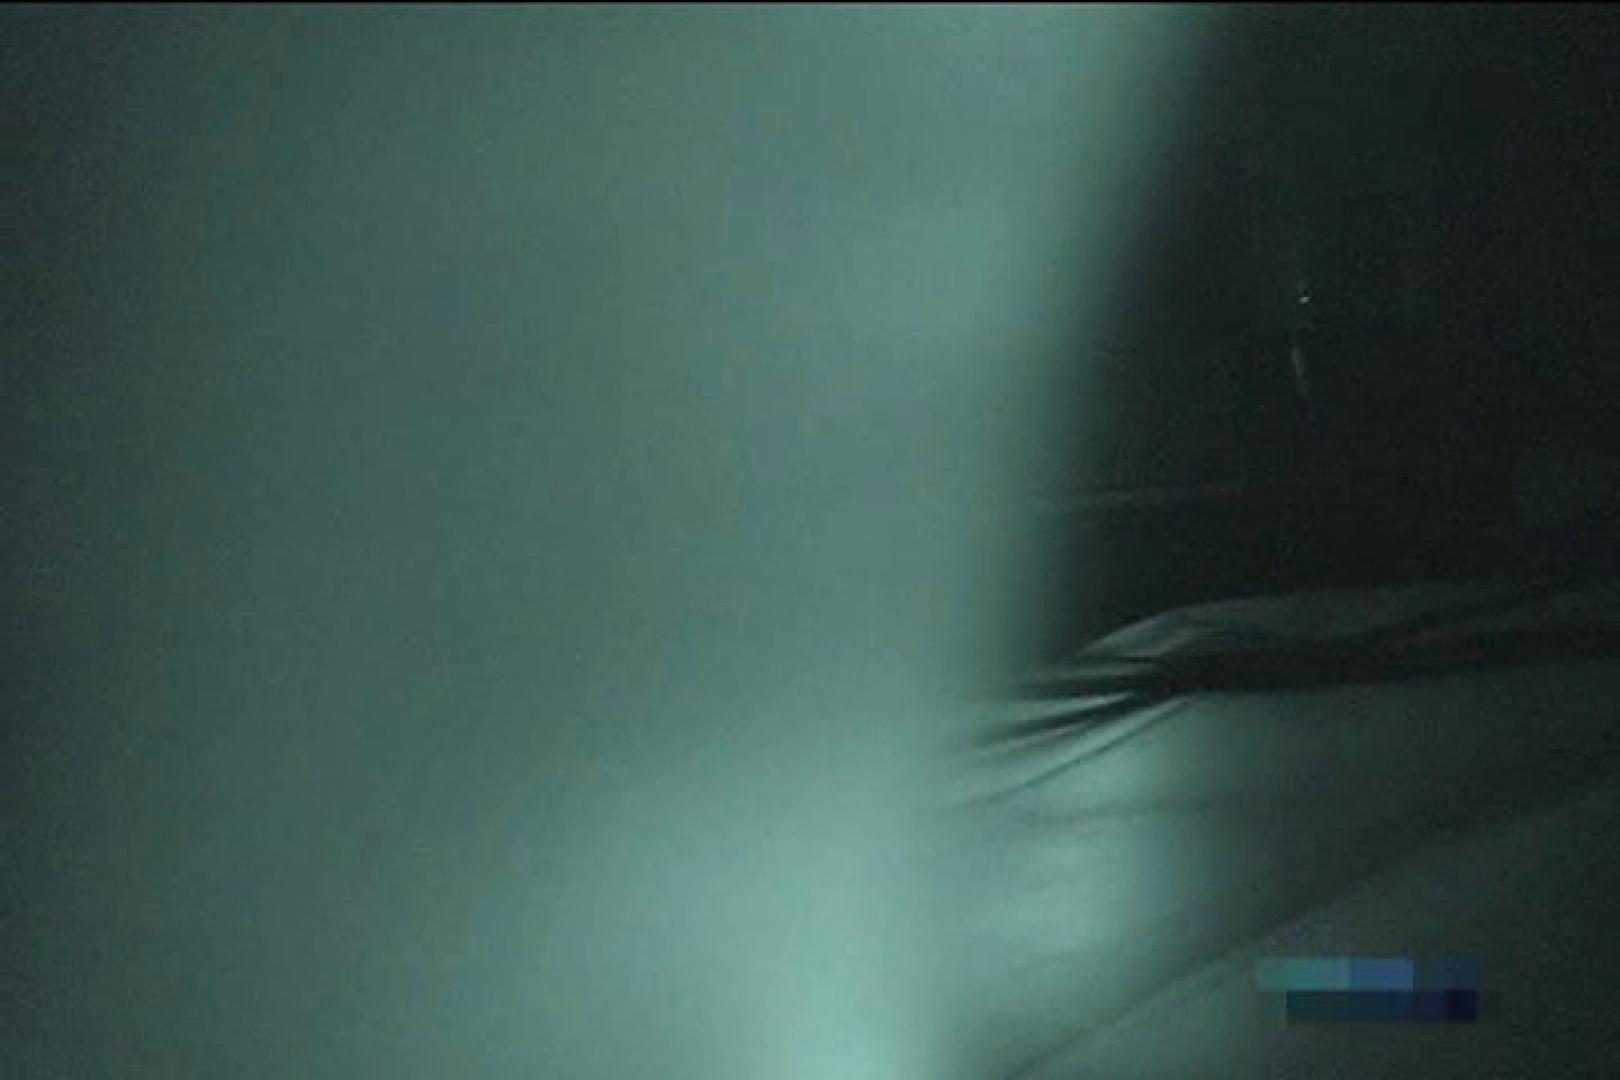 暗躍する痴漢集団Vol.1 美しいOLの裸体 オメコ動画キャプチャ 86pic 44